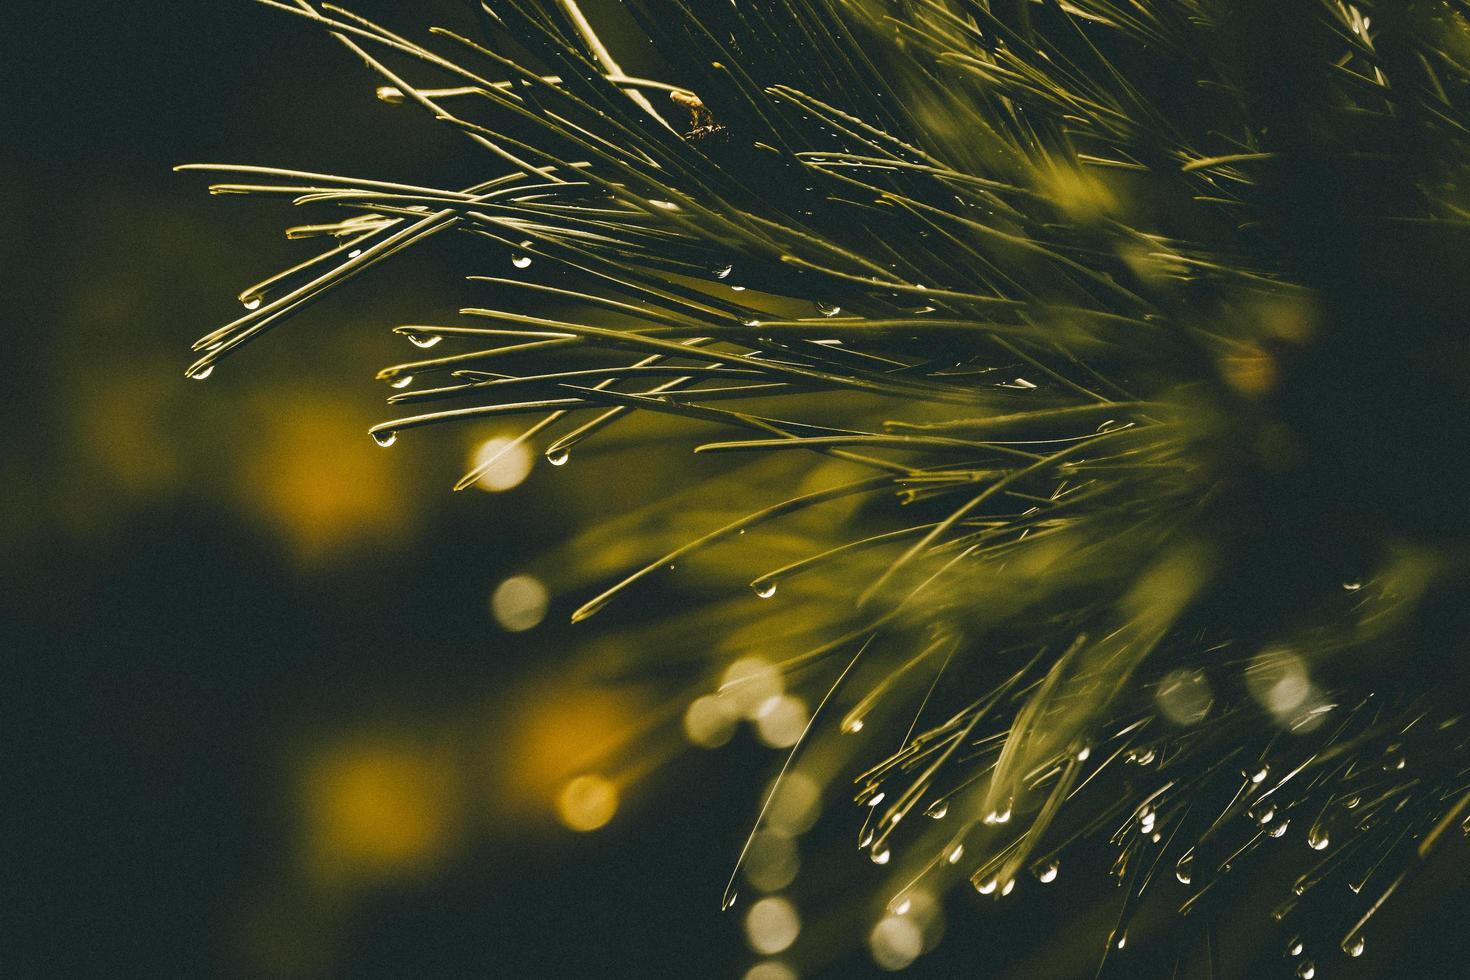 Pine needles and rain photo